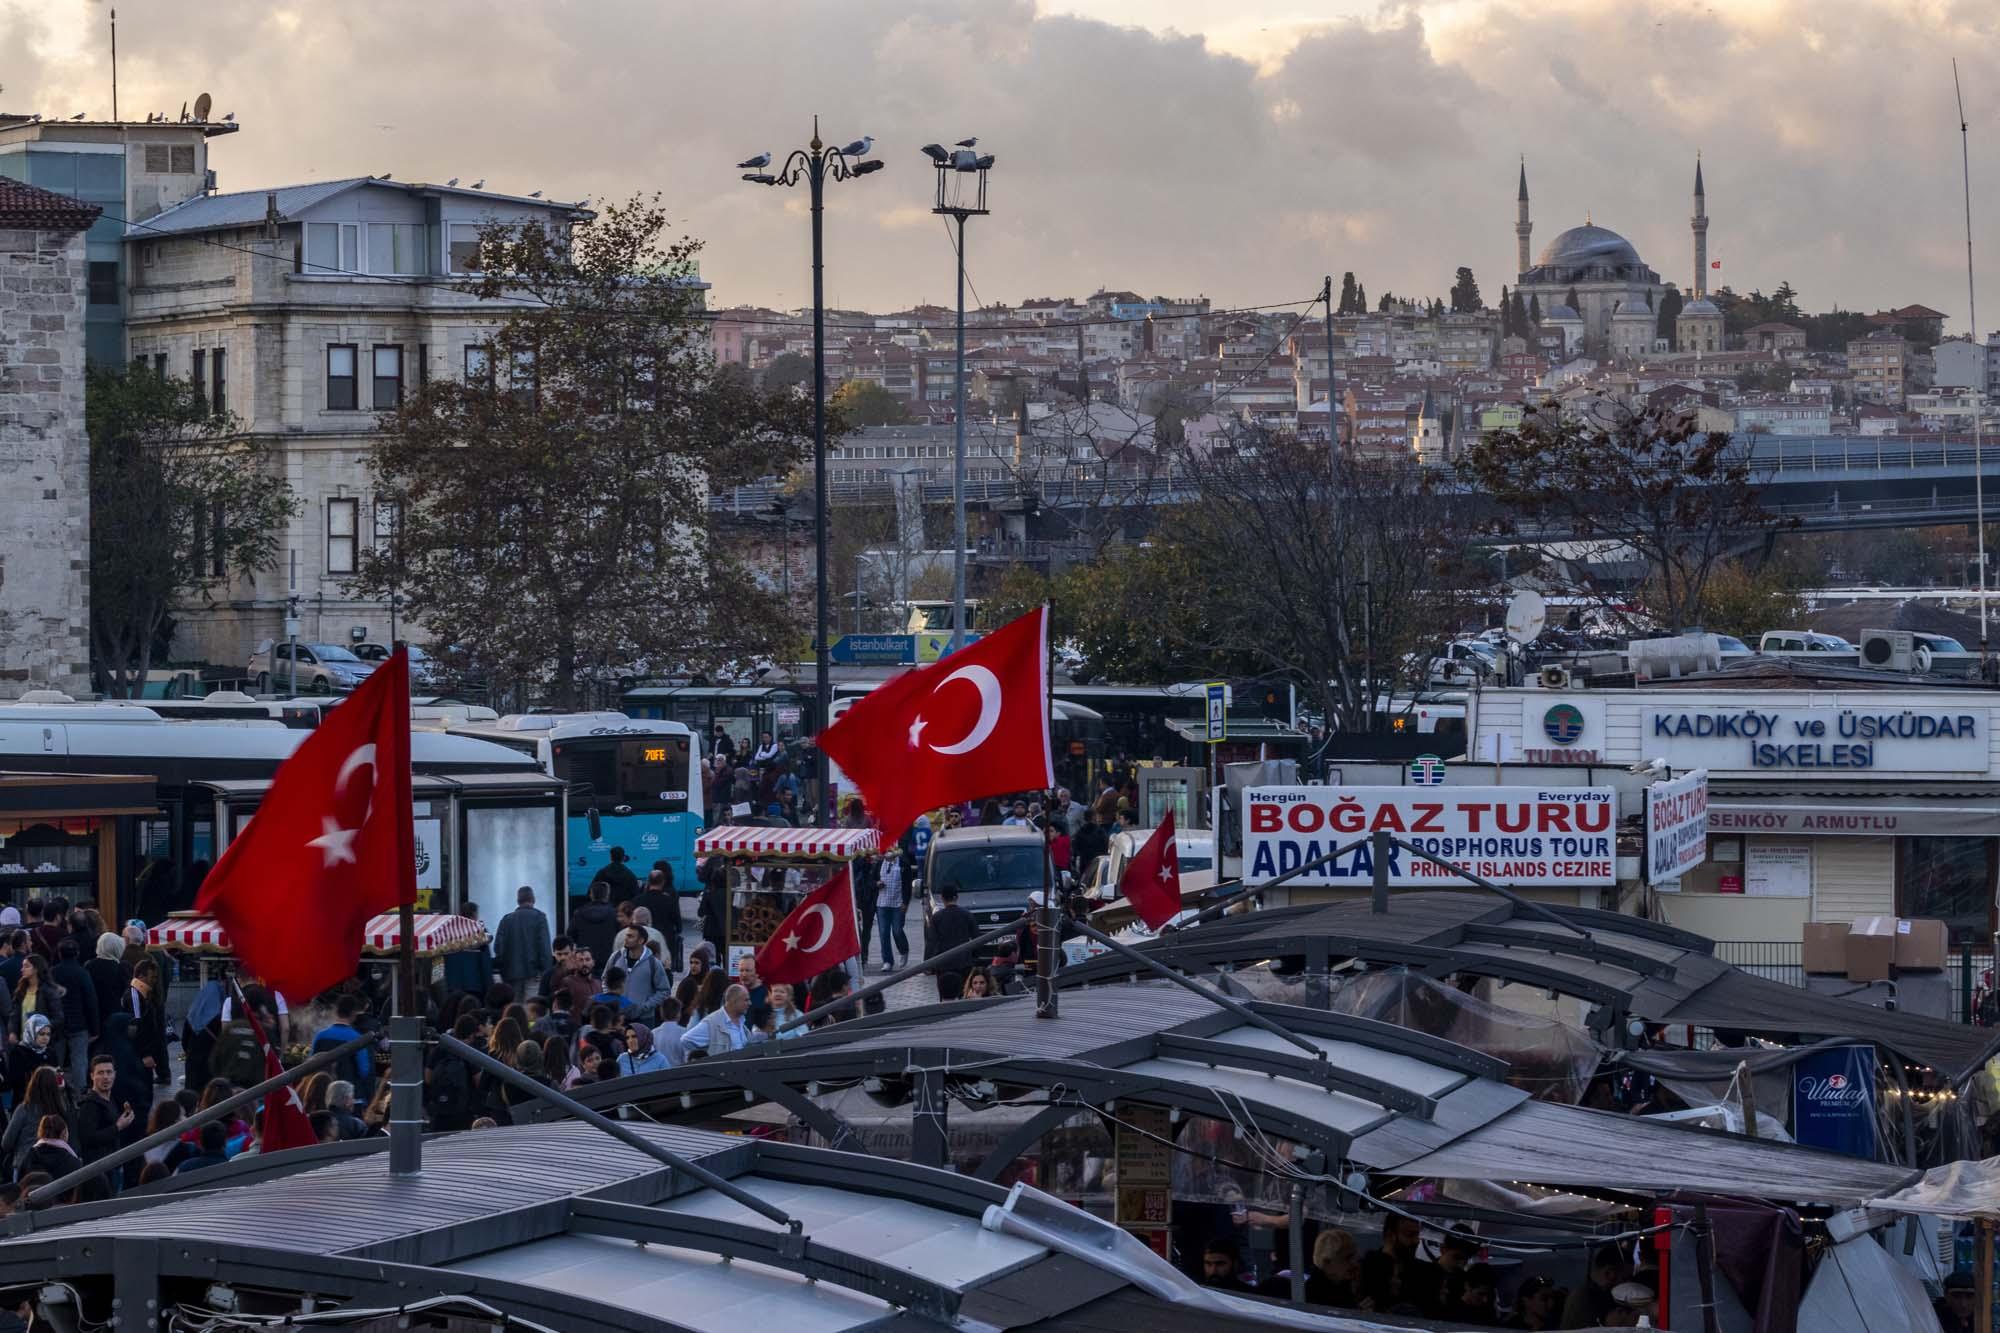 Eminönü Ferryboat Docks dans la ville d'İstanbul en Turquie